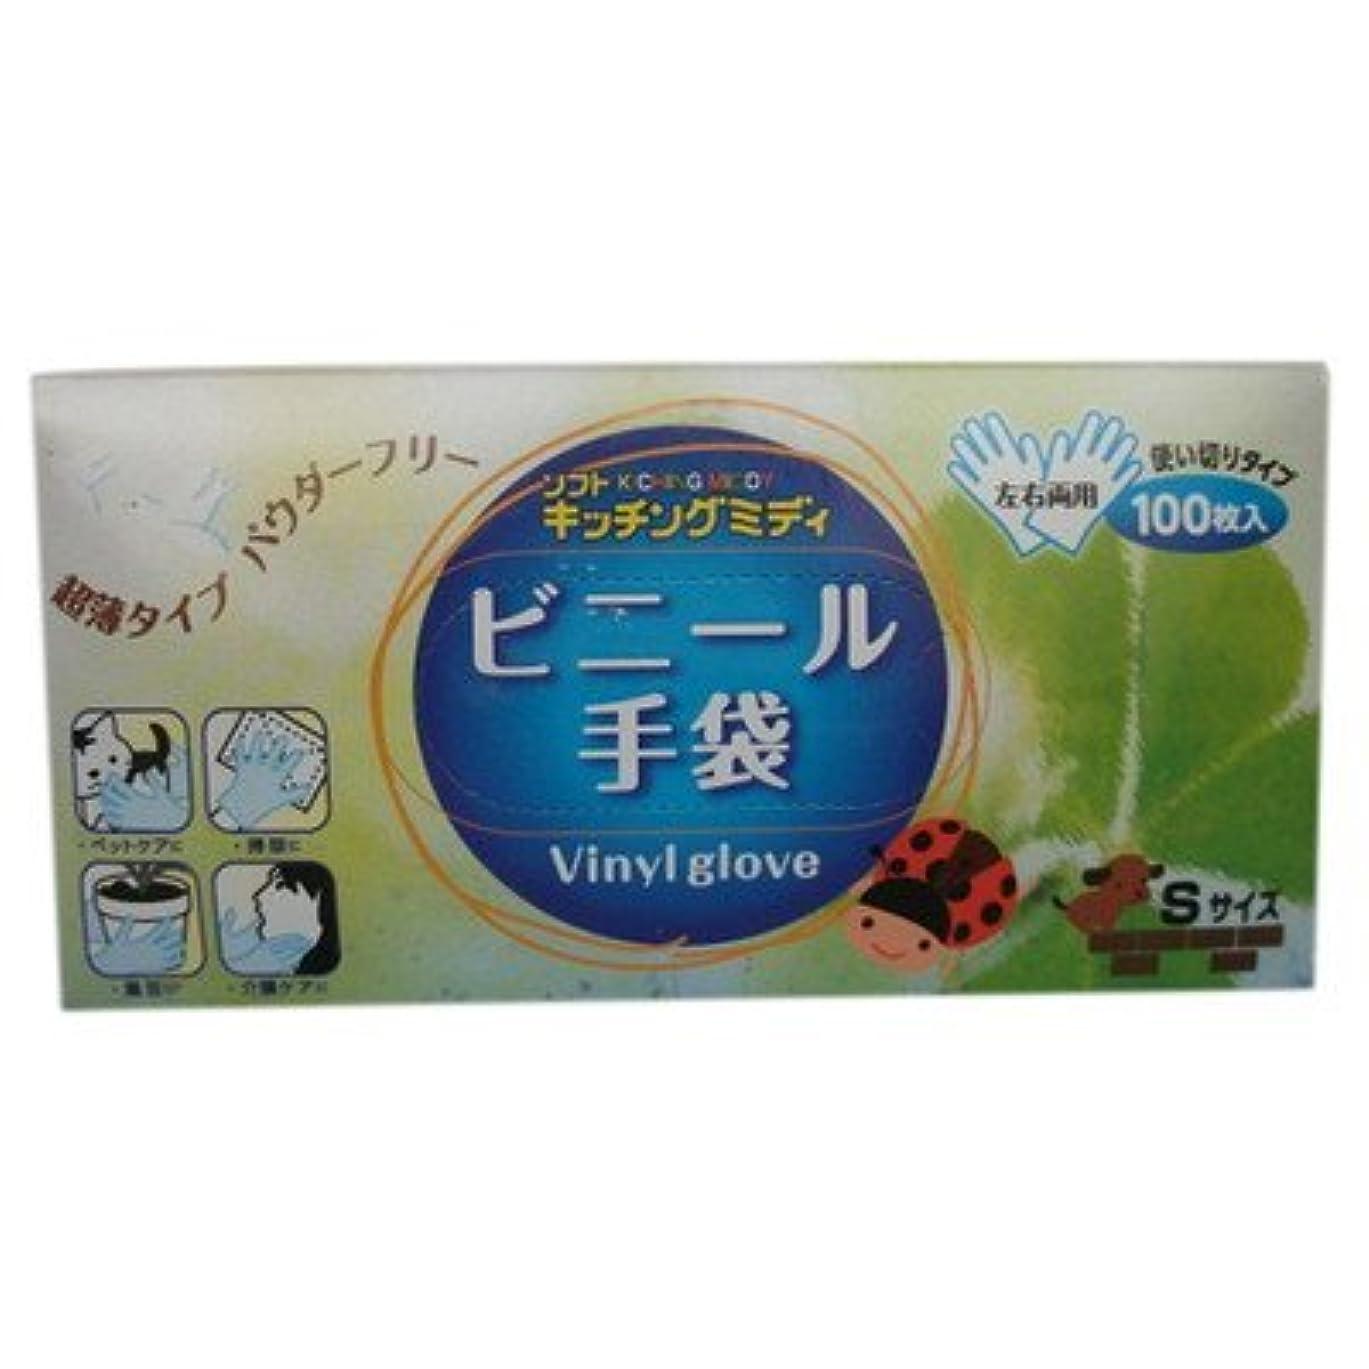 奥田薬品 ソフトキッチングミディ ビニール手袋 S 100枚入